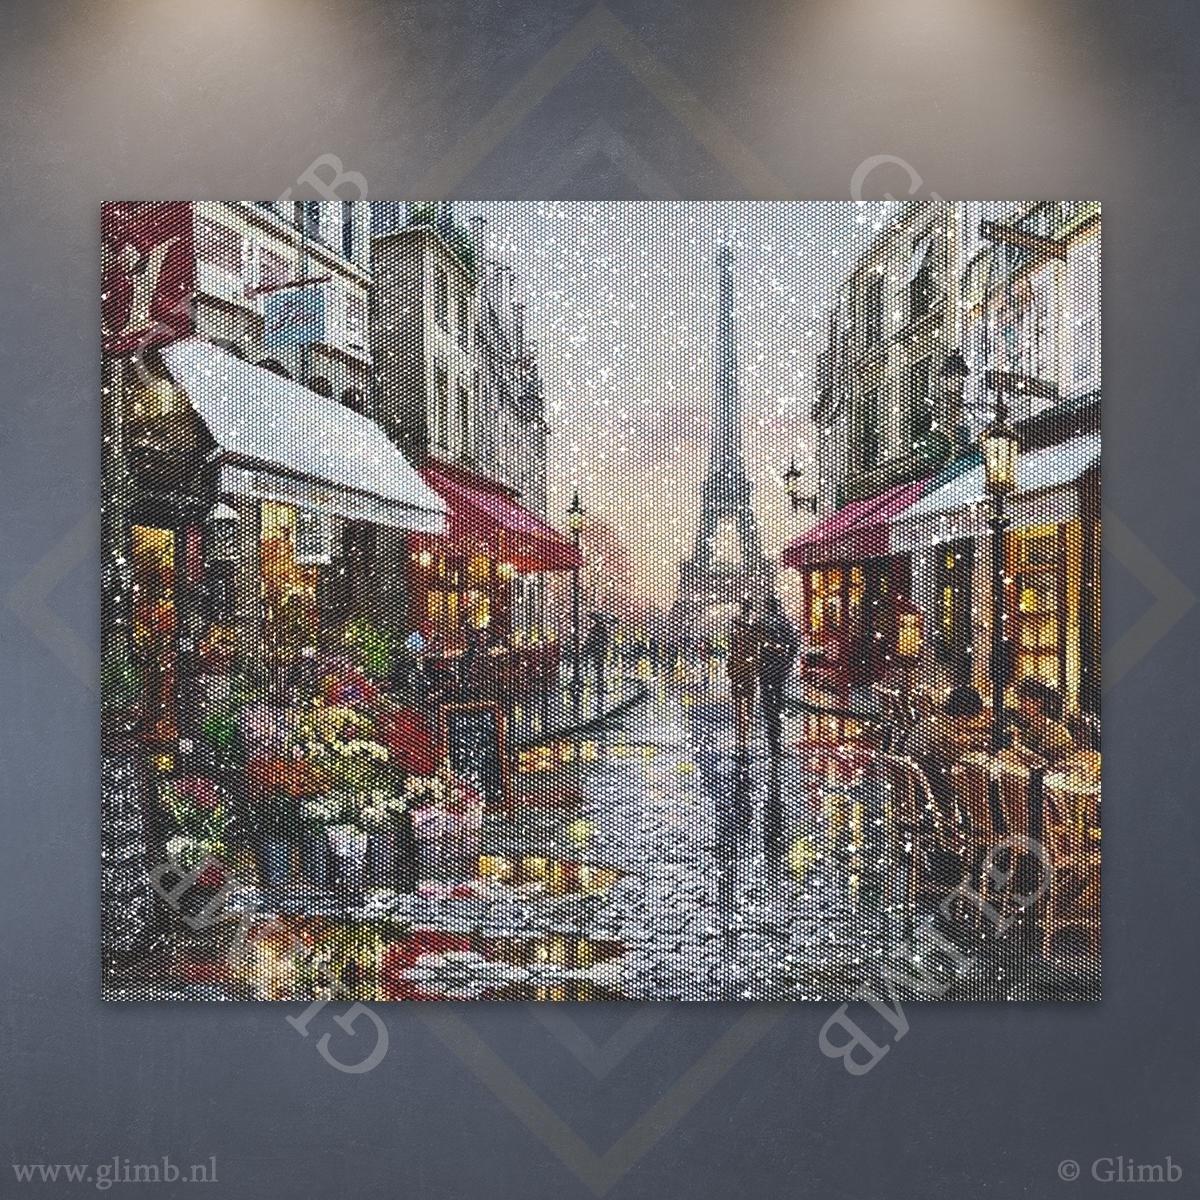 Glimb® | HQ Diamond Painting Pakket | Parijs | 50x40cm | Rond | Volledig | Made in NL! // Diamond Painting - Diamond Painting Pakketten - Diamond Paint - Daimond Painting - Dotz -Diamond Schilderen - Diamond Painting Volwassenen